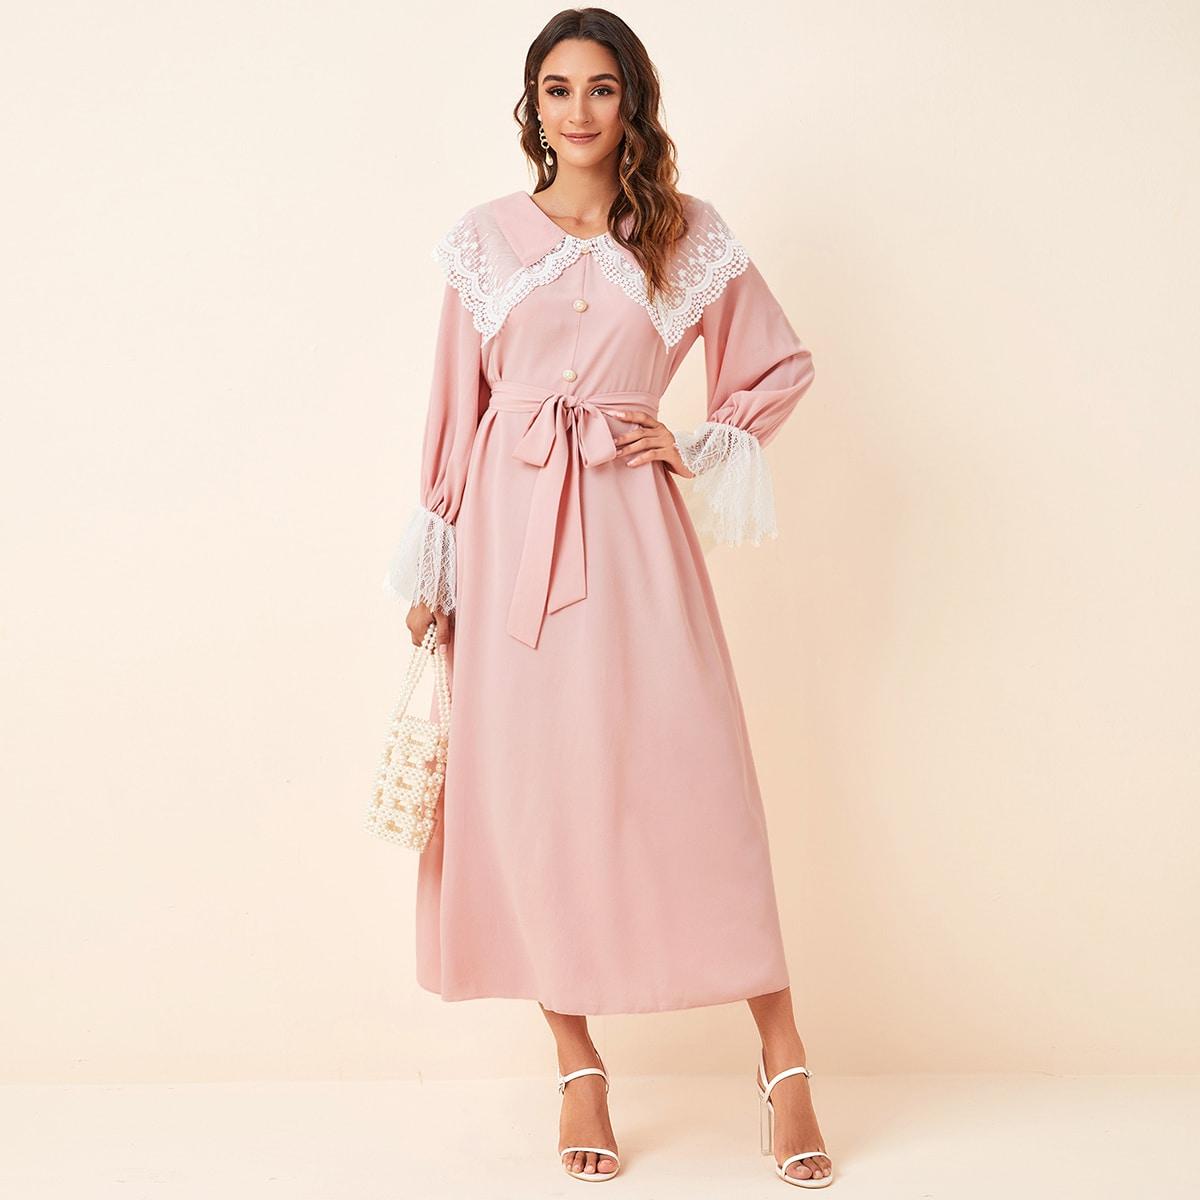 Платье с поясом, пуговицами и кружевной отделкой фото